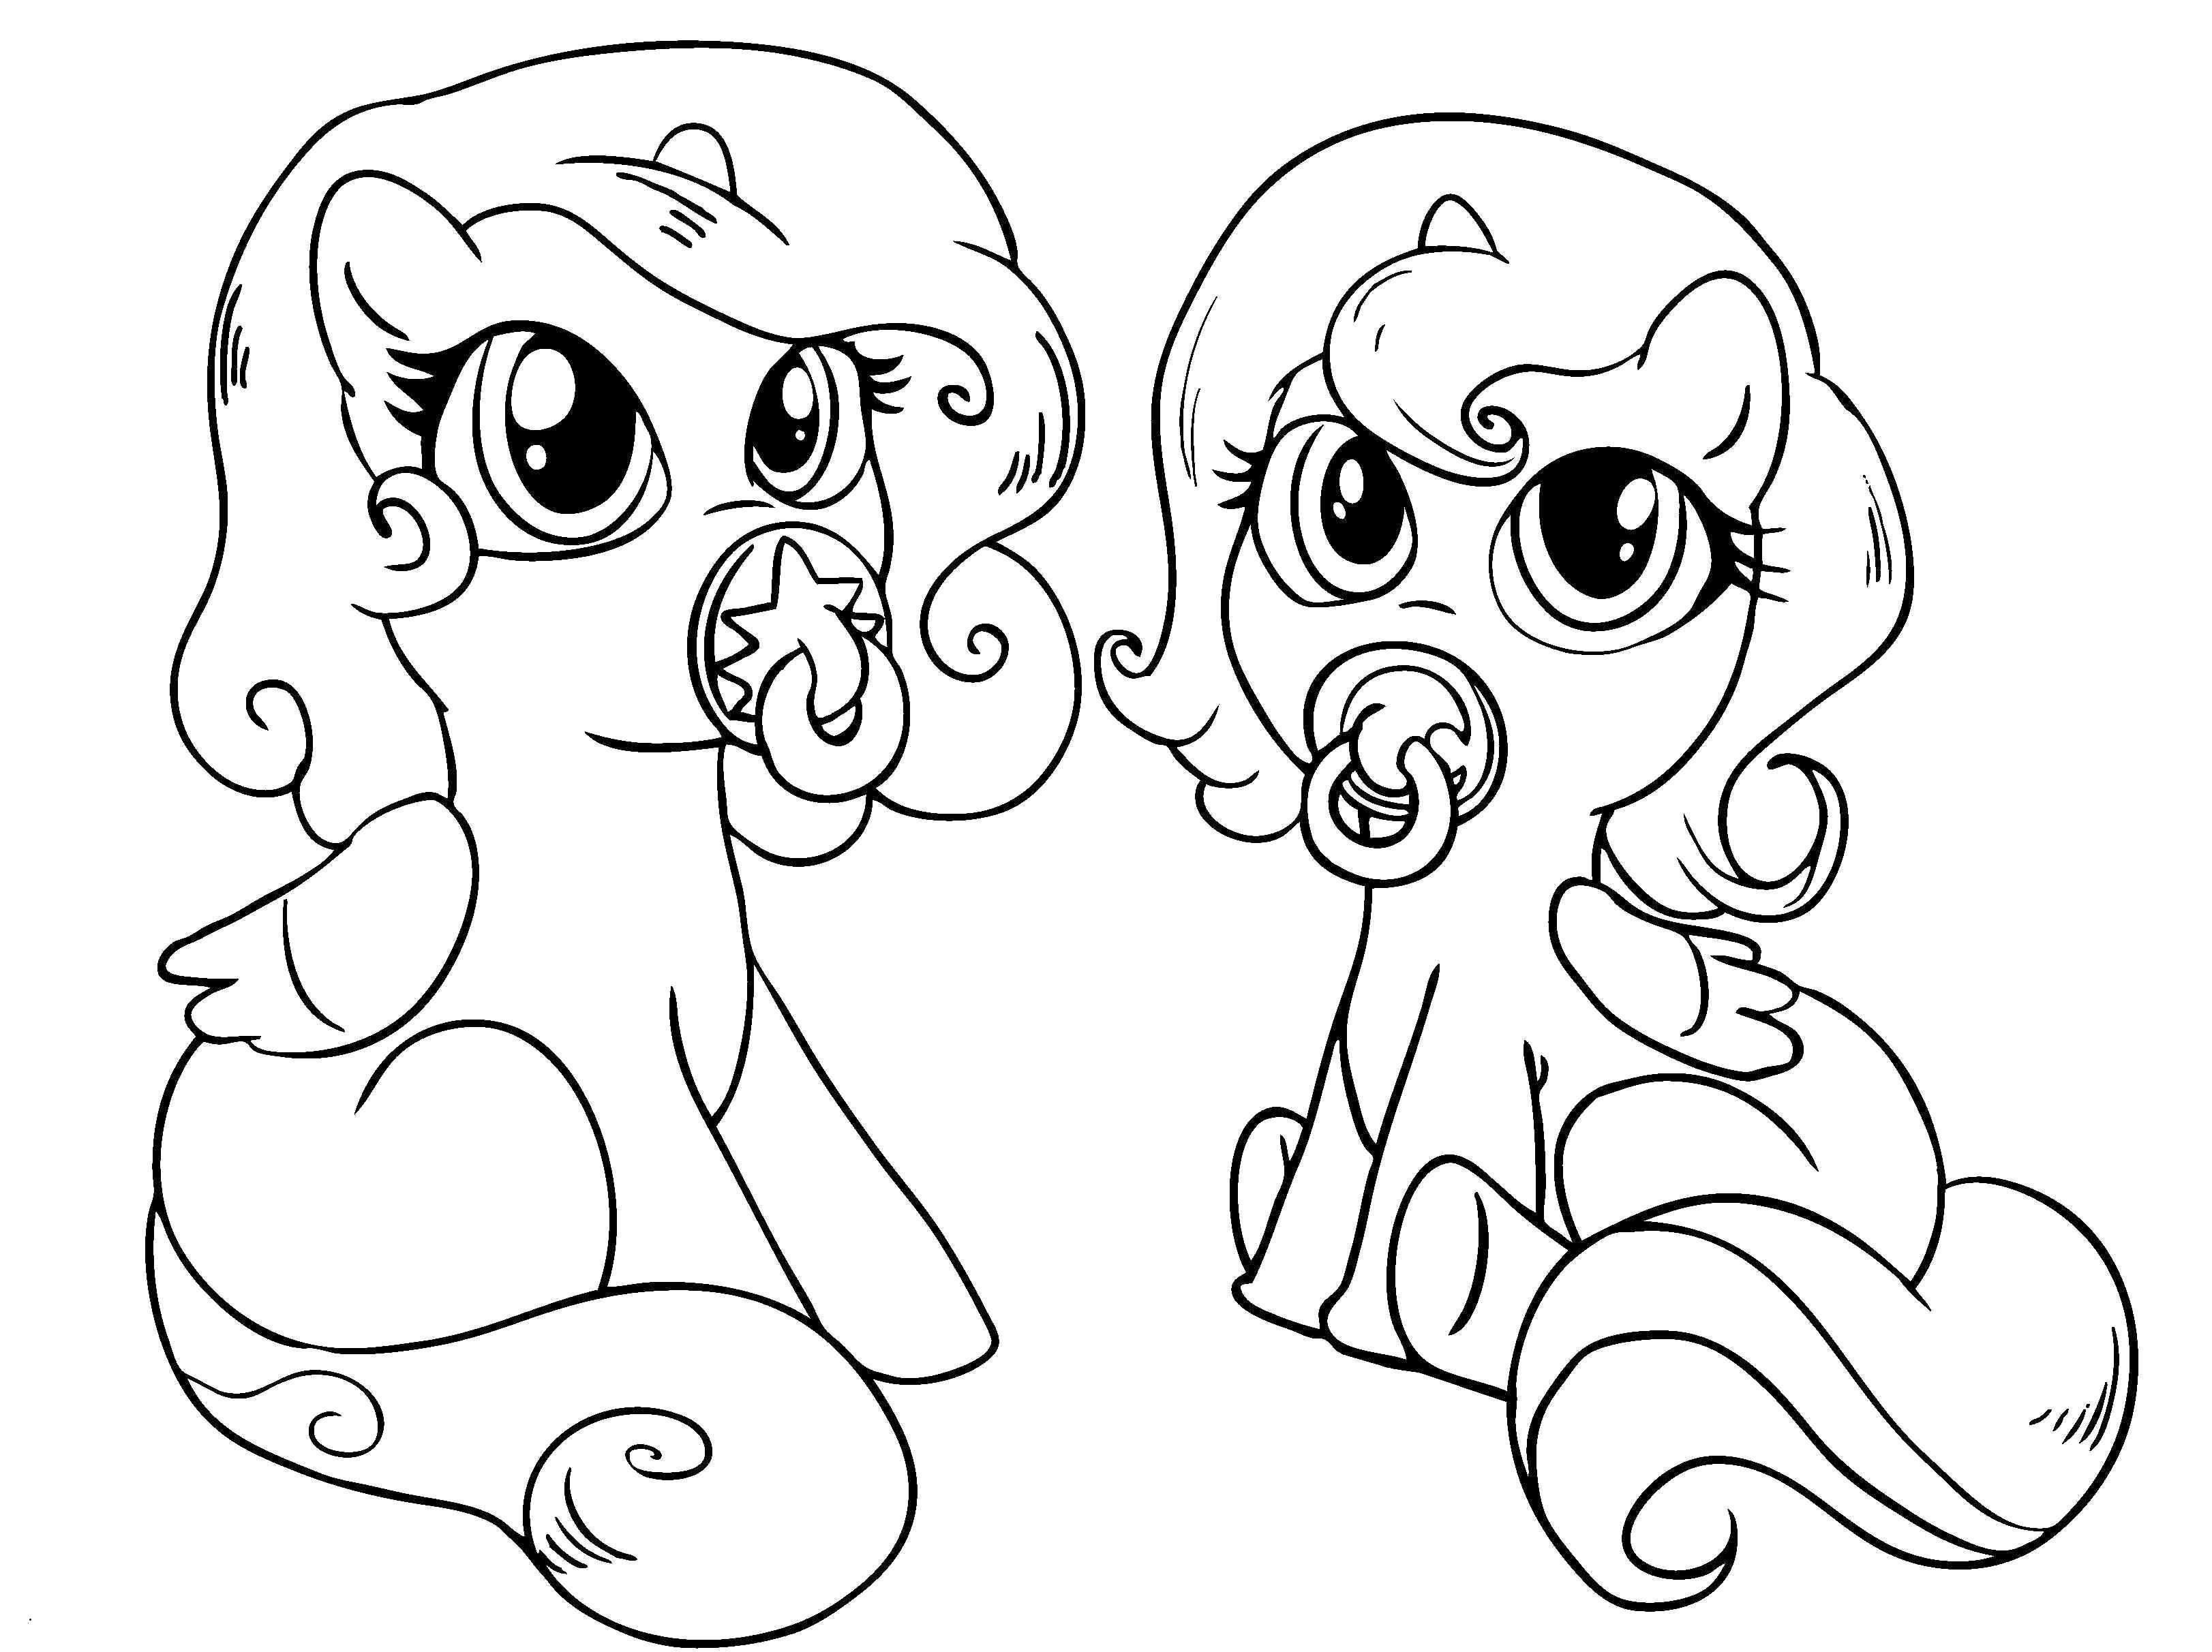 My Little Pony Bilder Zum Ausmalen Genial 48 Skizze My Little Pony Ausmalbilder Luna Treehouse Nyc Das Bild